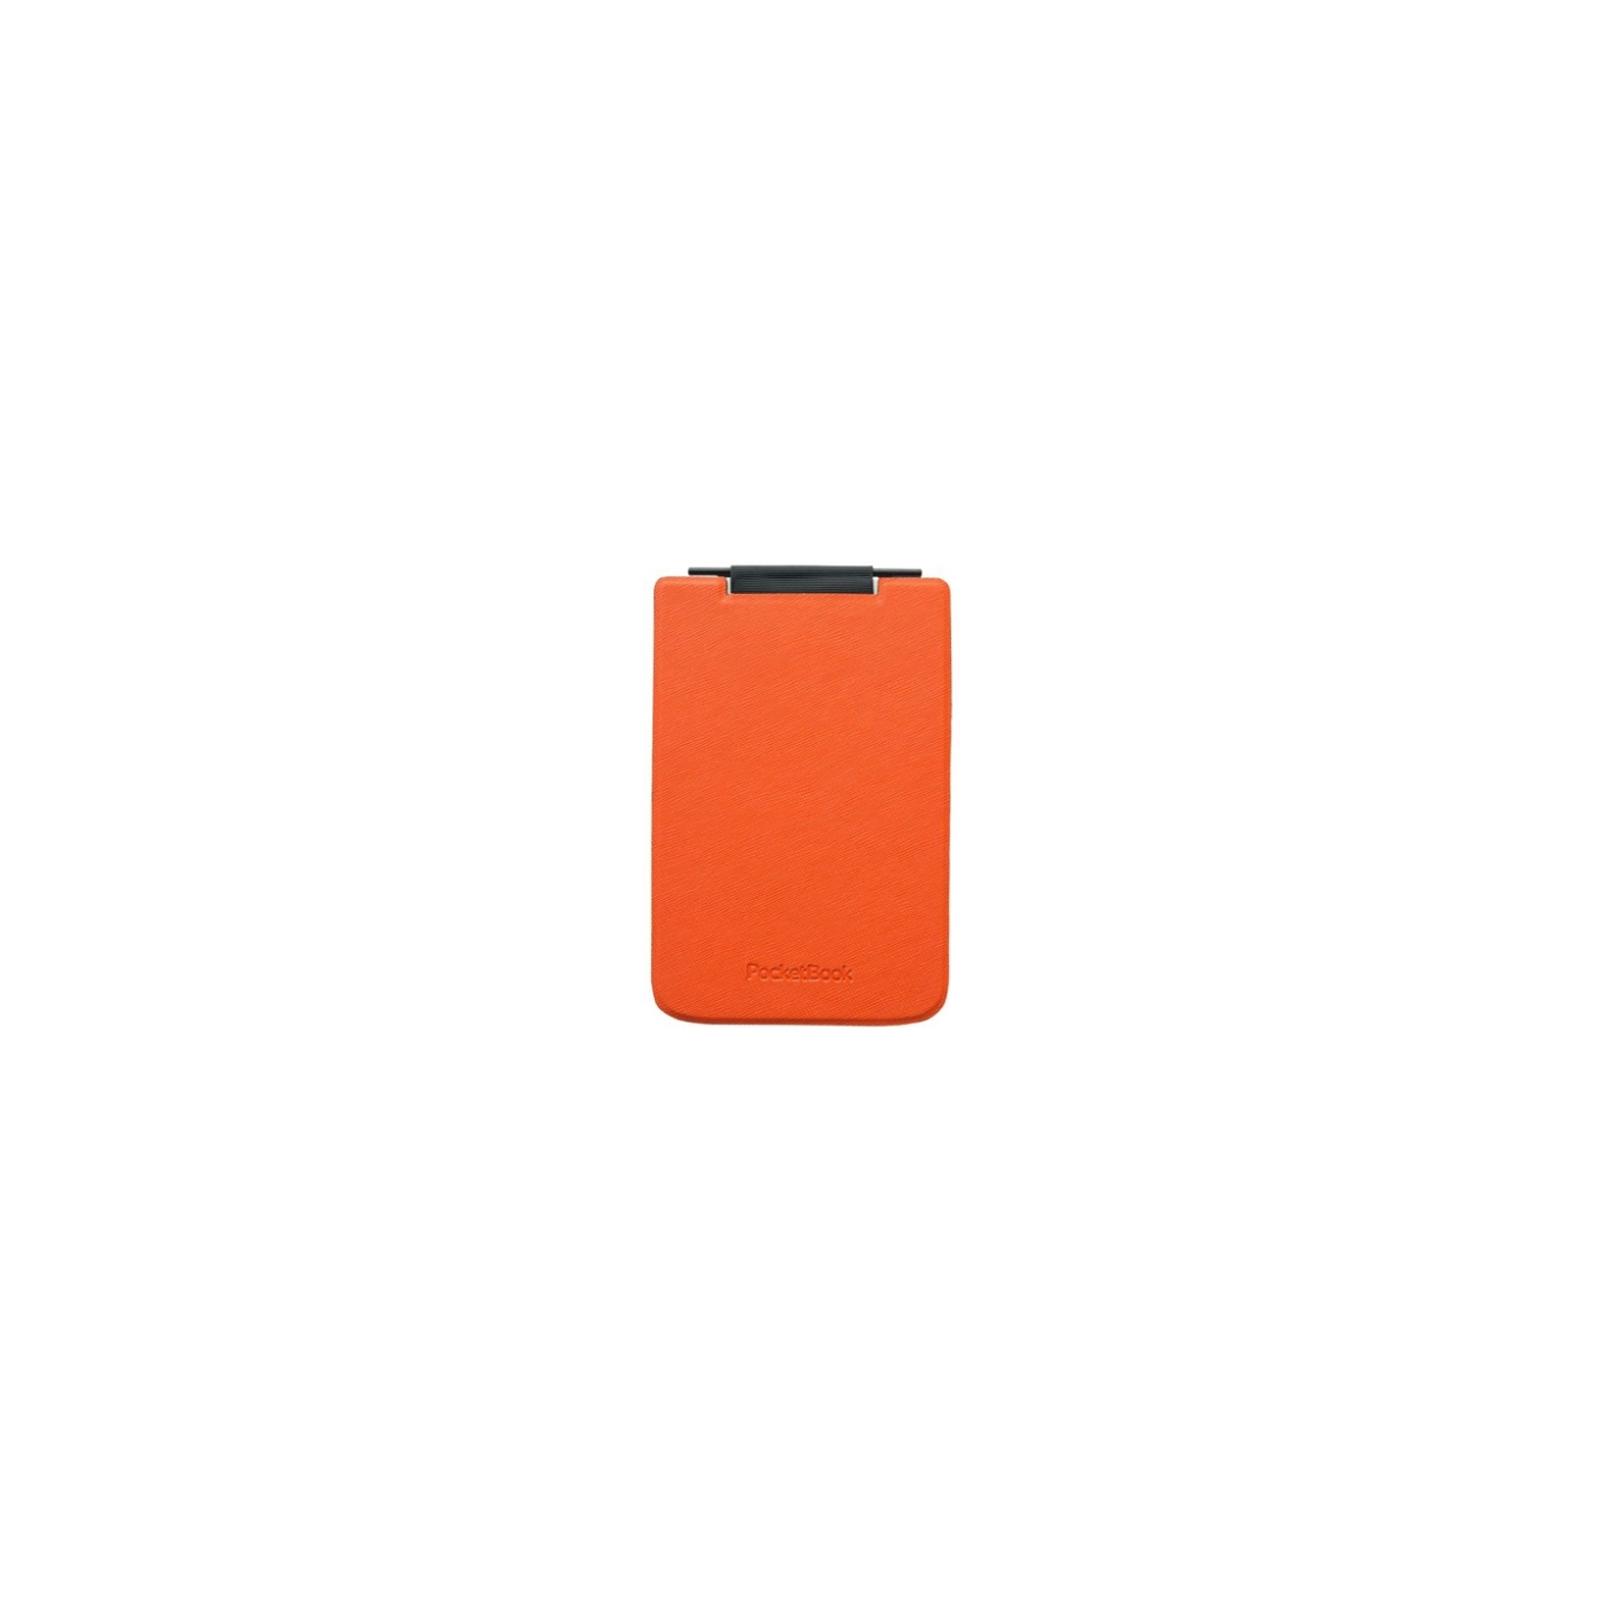 Чехол для электронной книги PocketBook PB624 Flip orange/black (PBPUC-624-ORBC-RD)